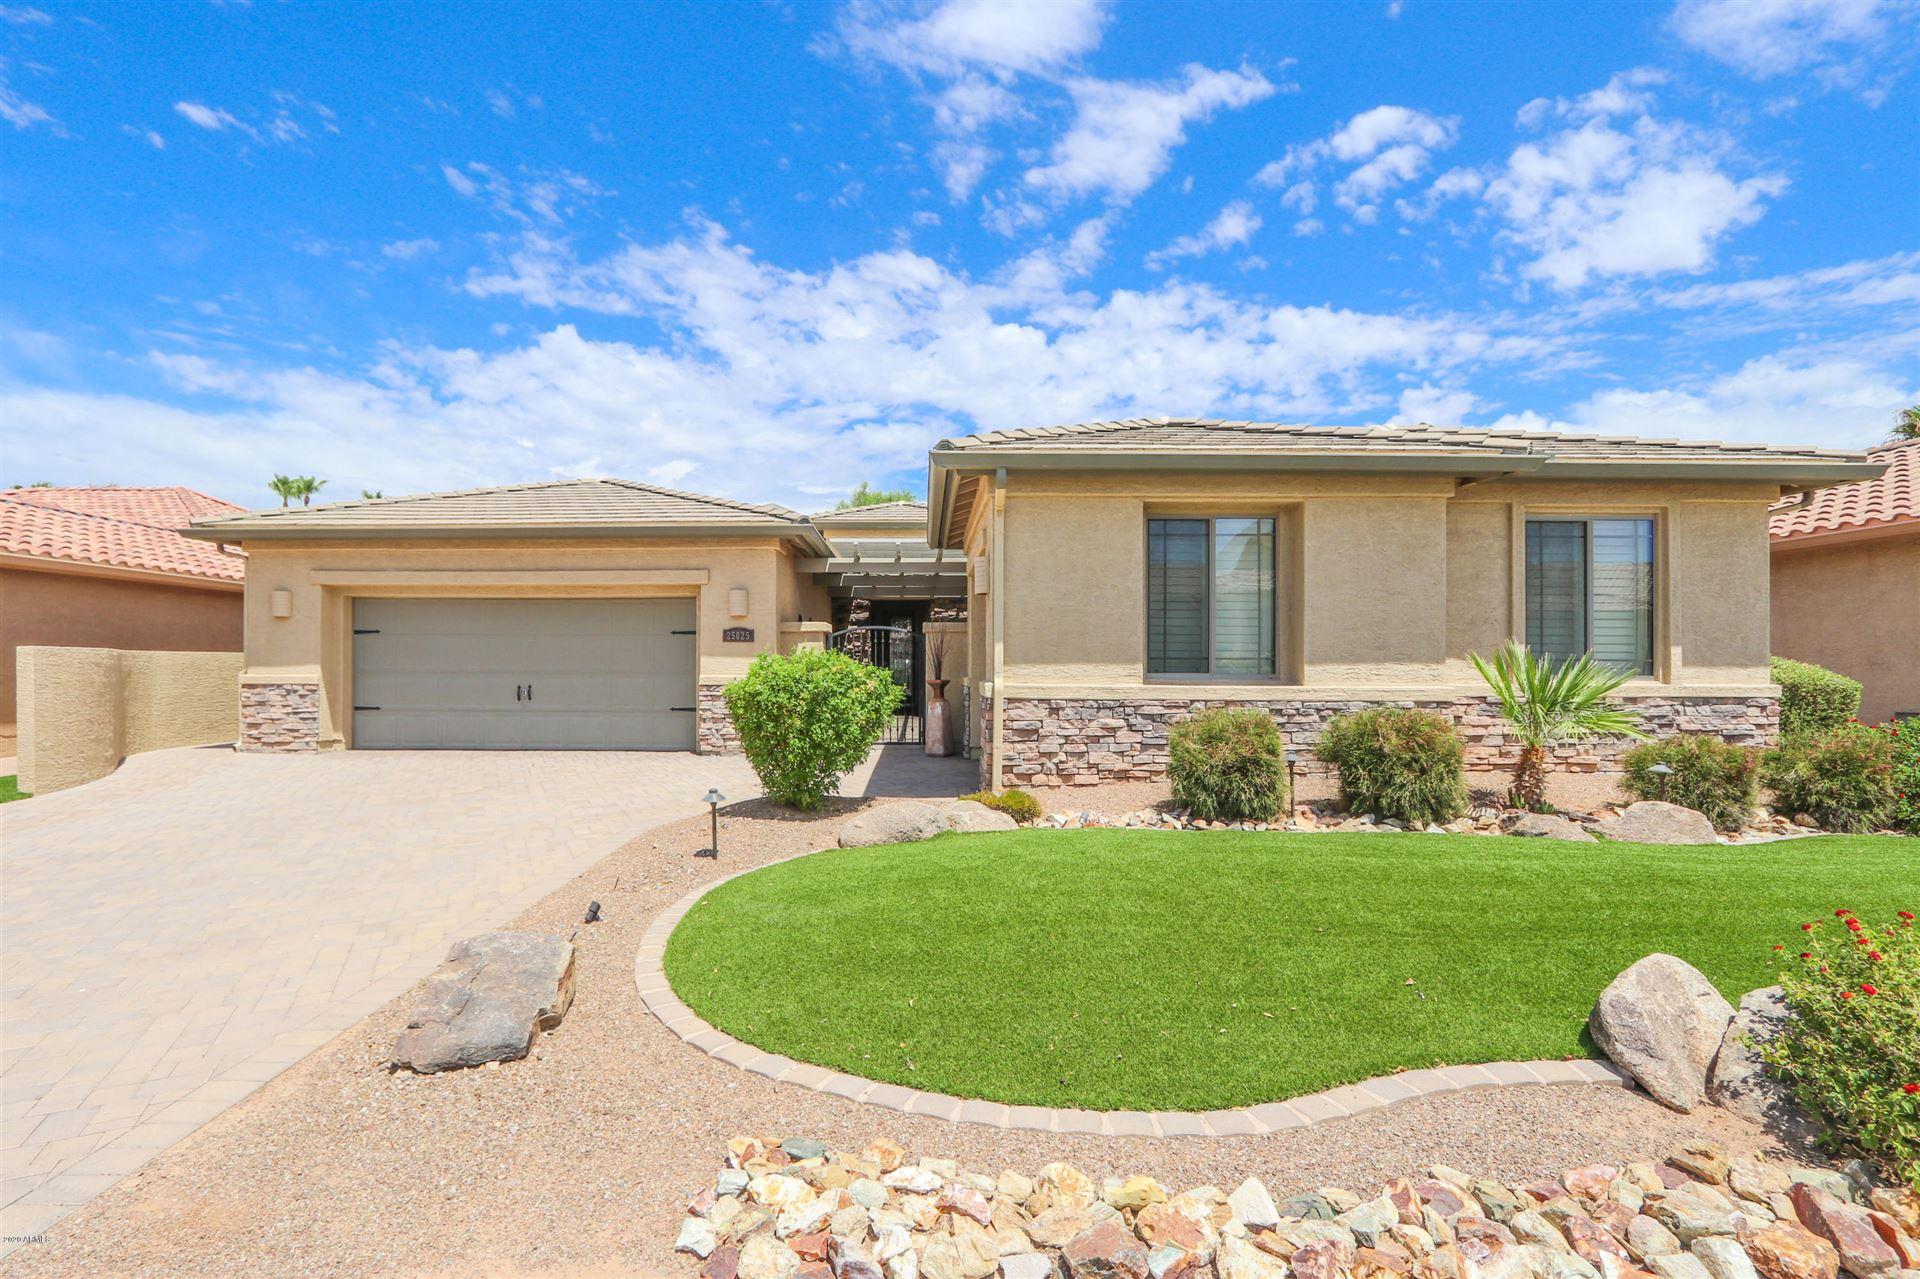 25025 S LAKEWAY Drive, Sun Lakes, AZ 85248 - MLS#: 6107039